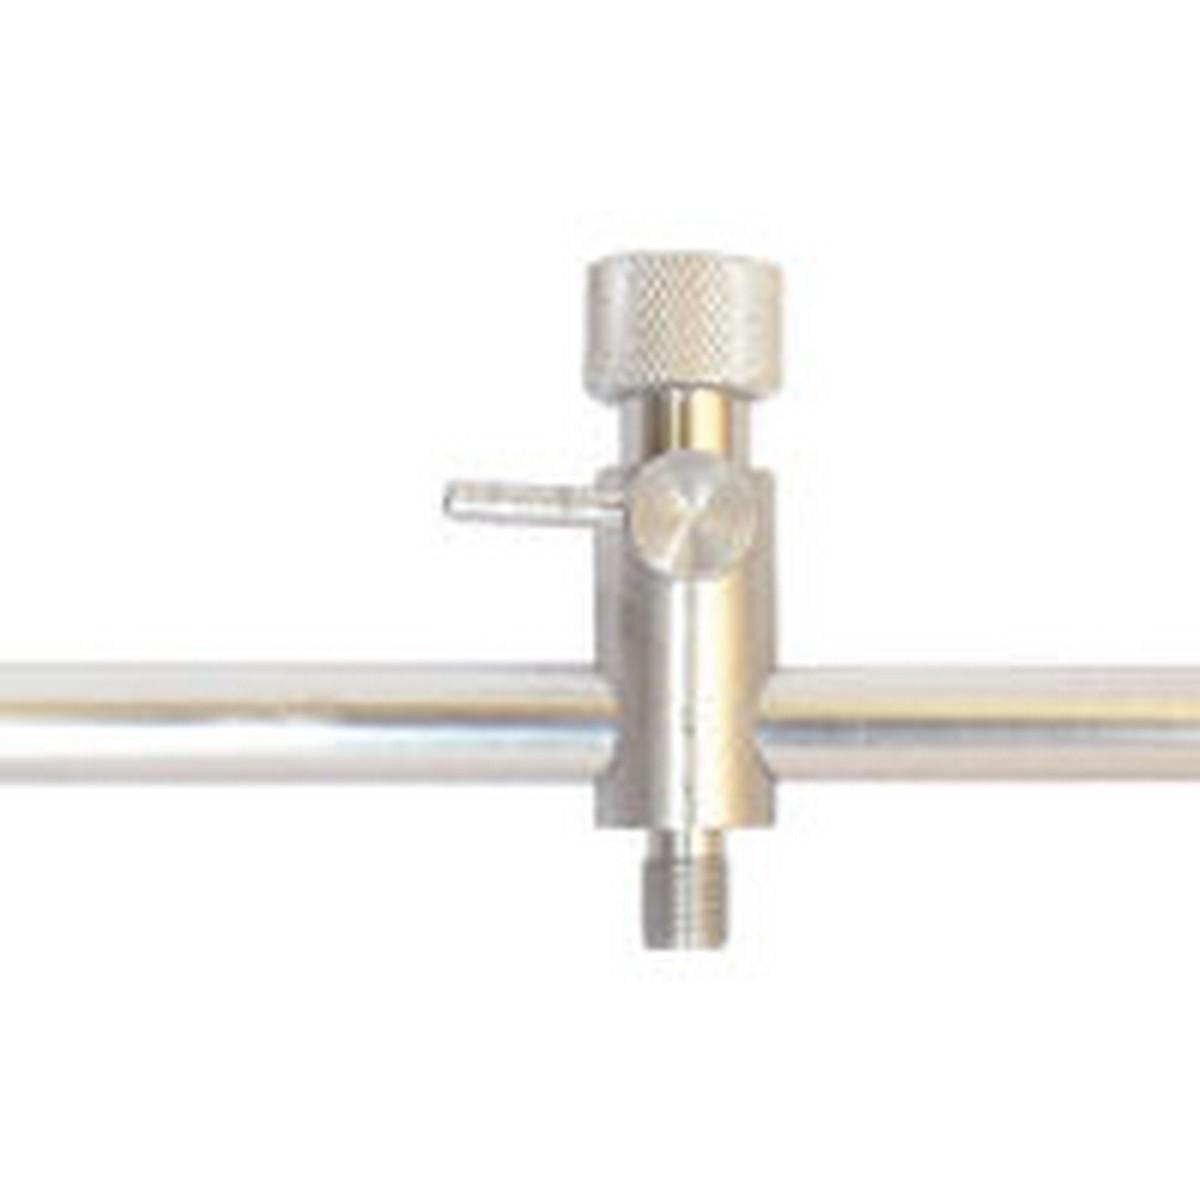 Buzzer Bar Focus 58-78см